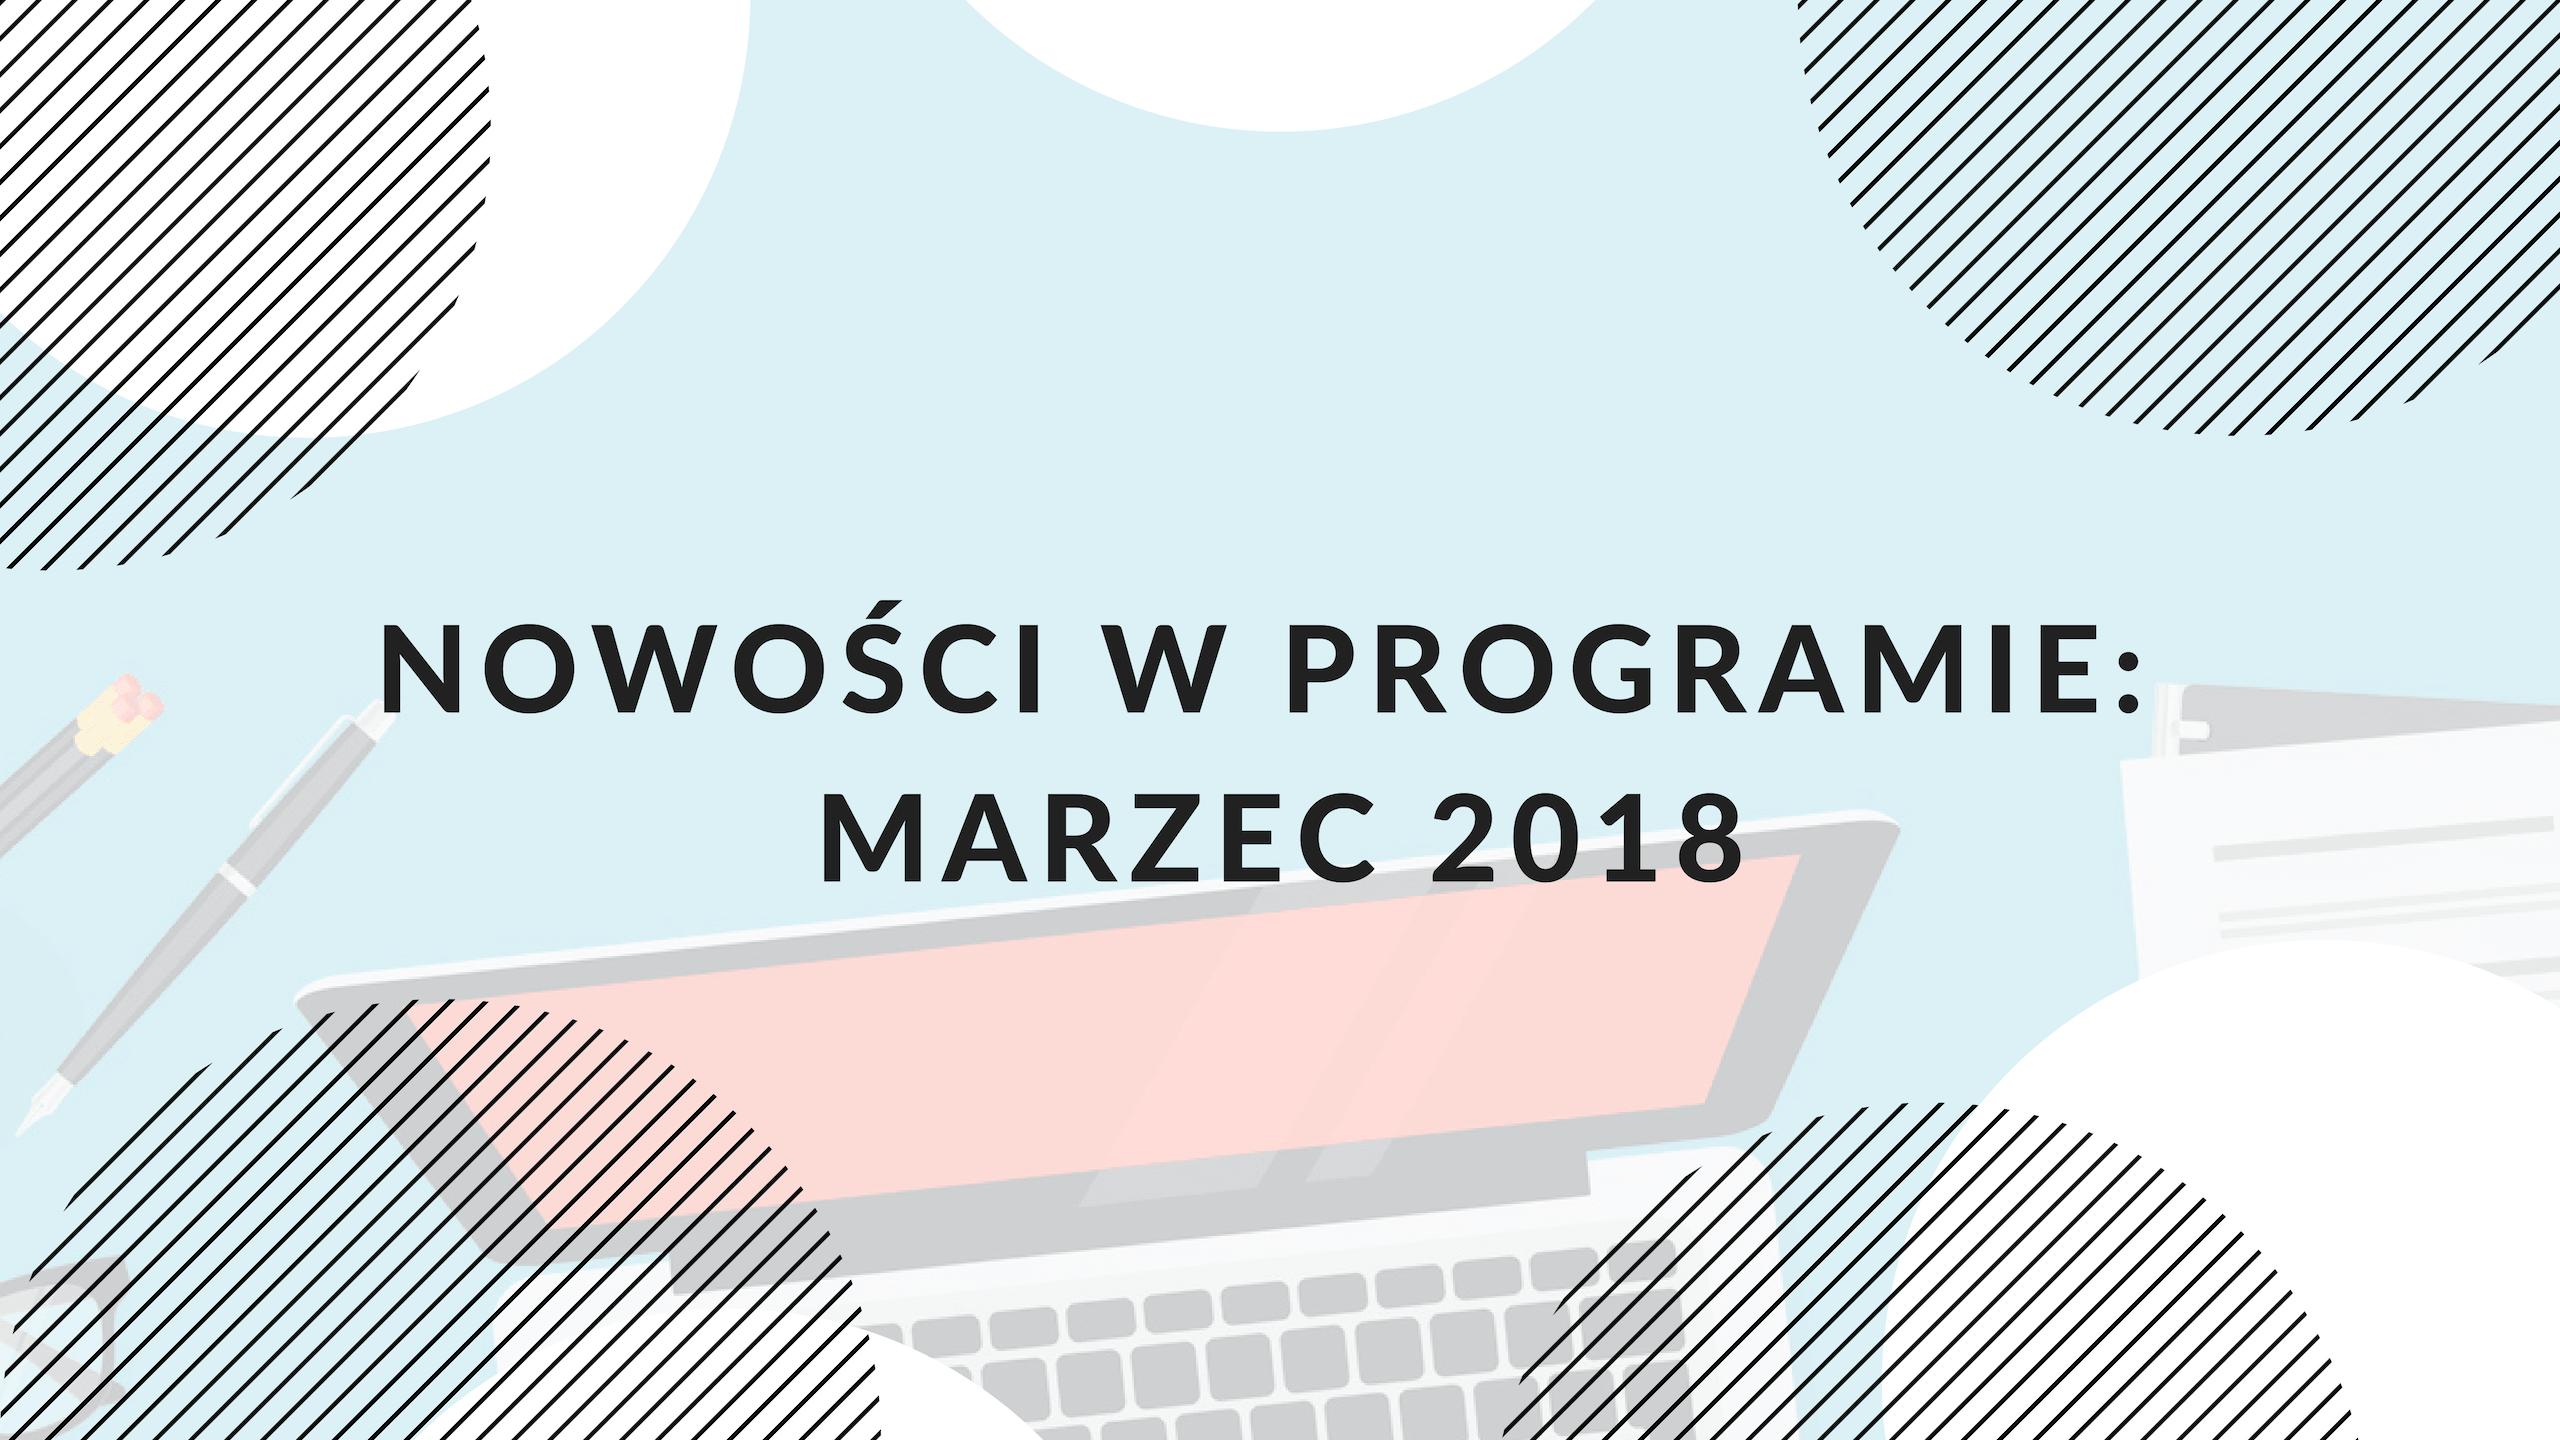 Nowe funkcjonalności w programie: marzec 2018